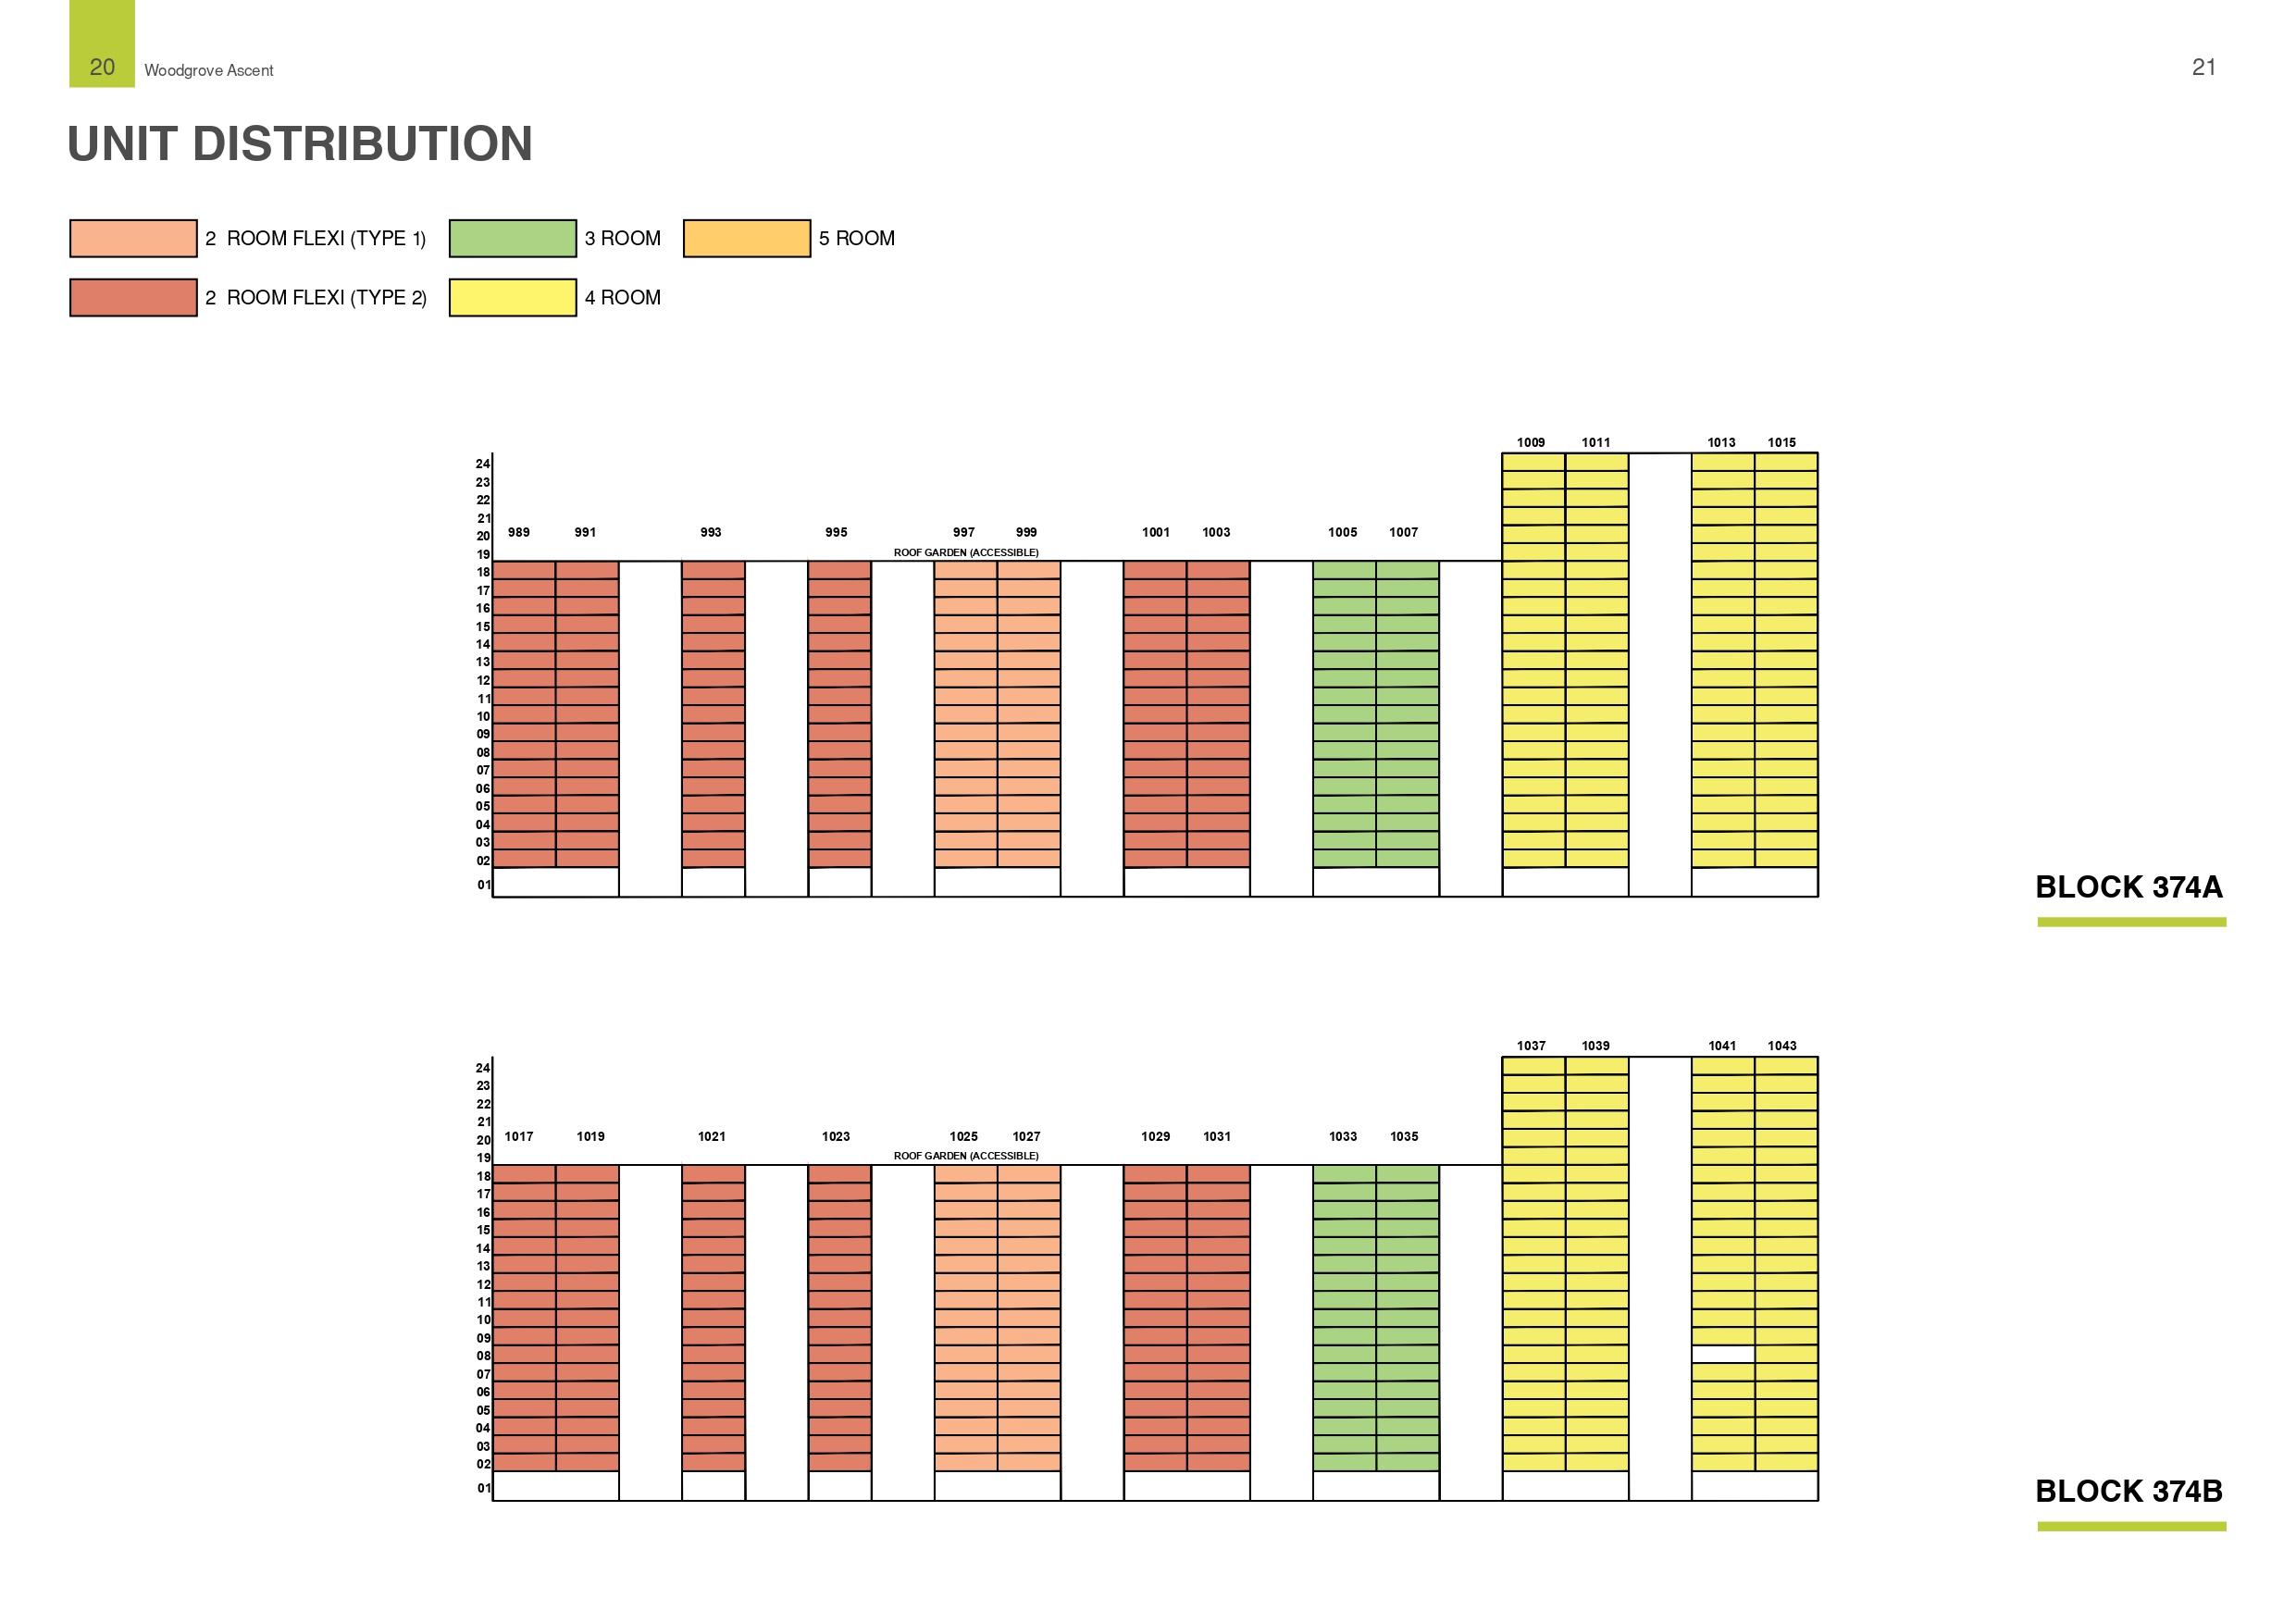 Woodgrove Ascent Unit Distribution 3